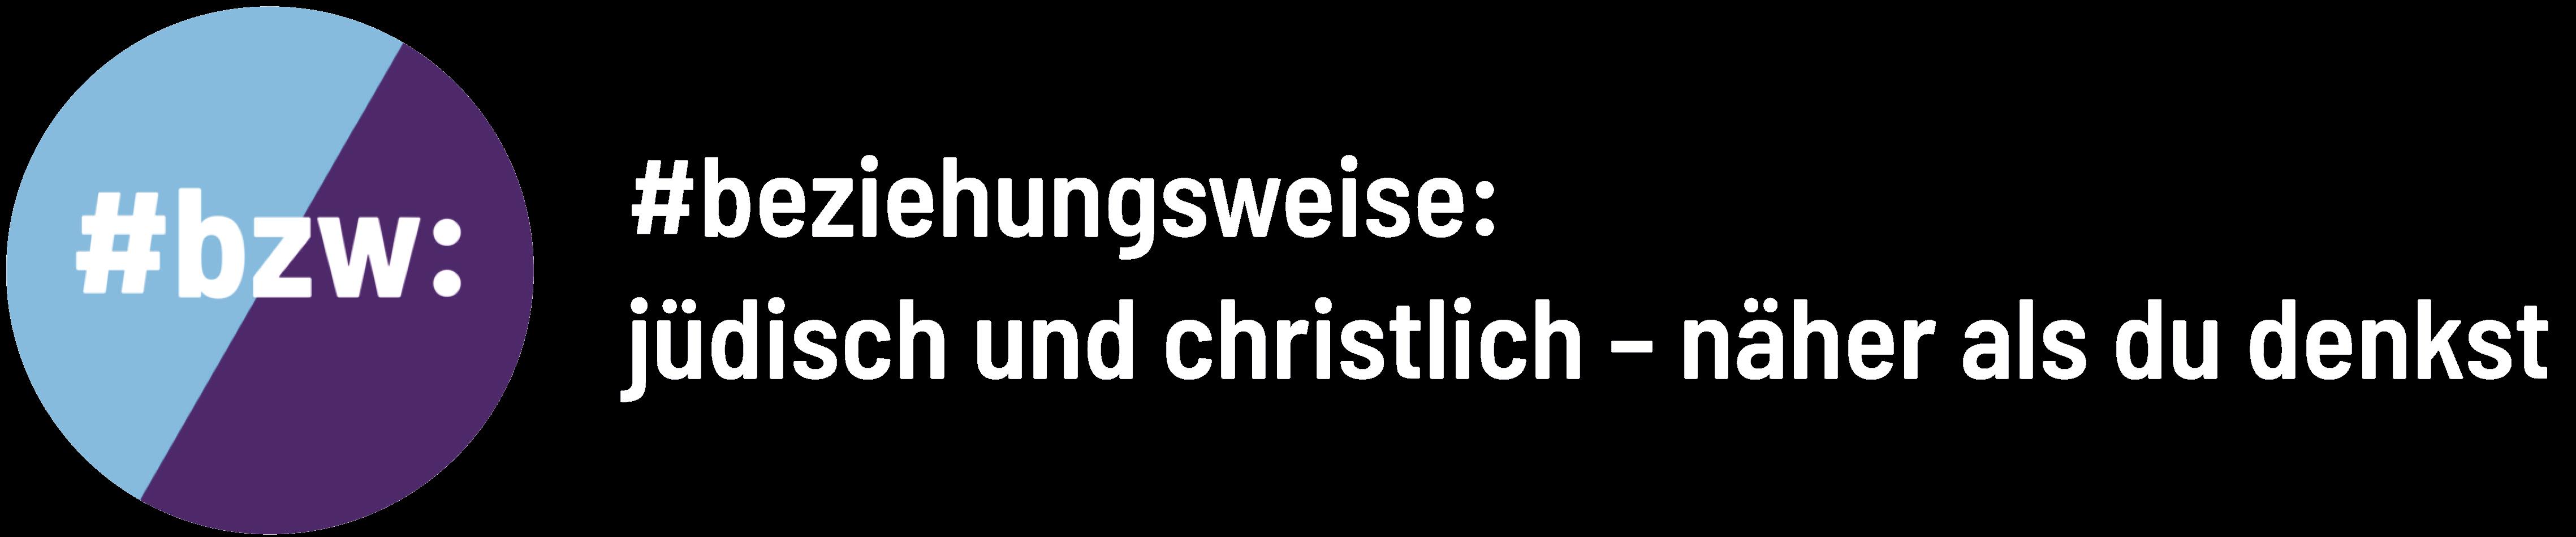 #jüdisch – beziehungsweise – christlich